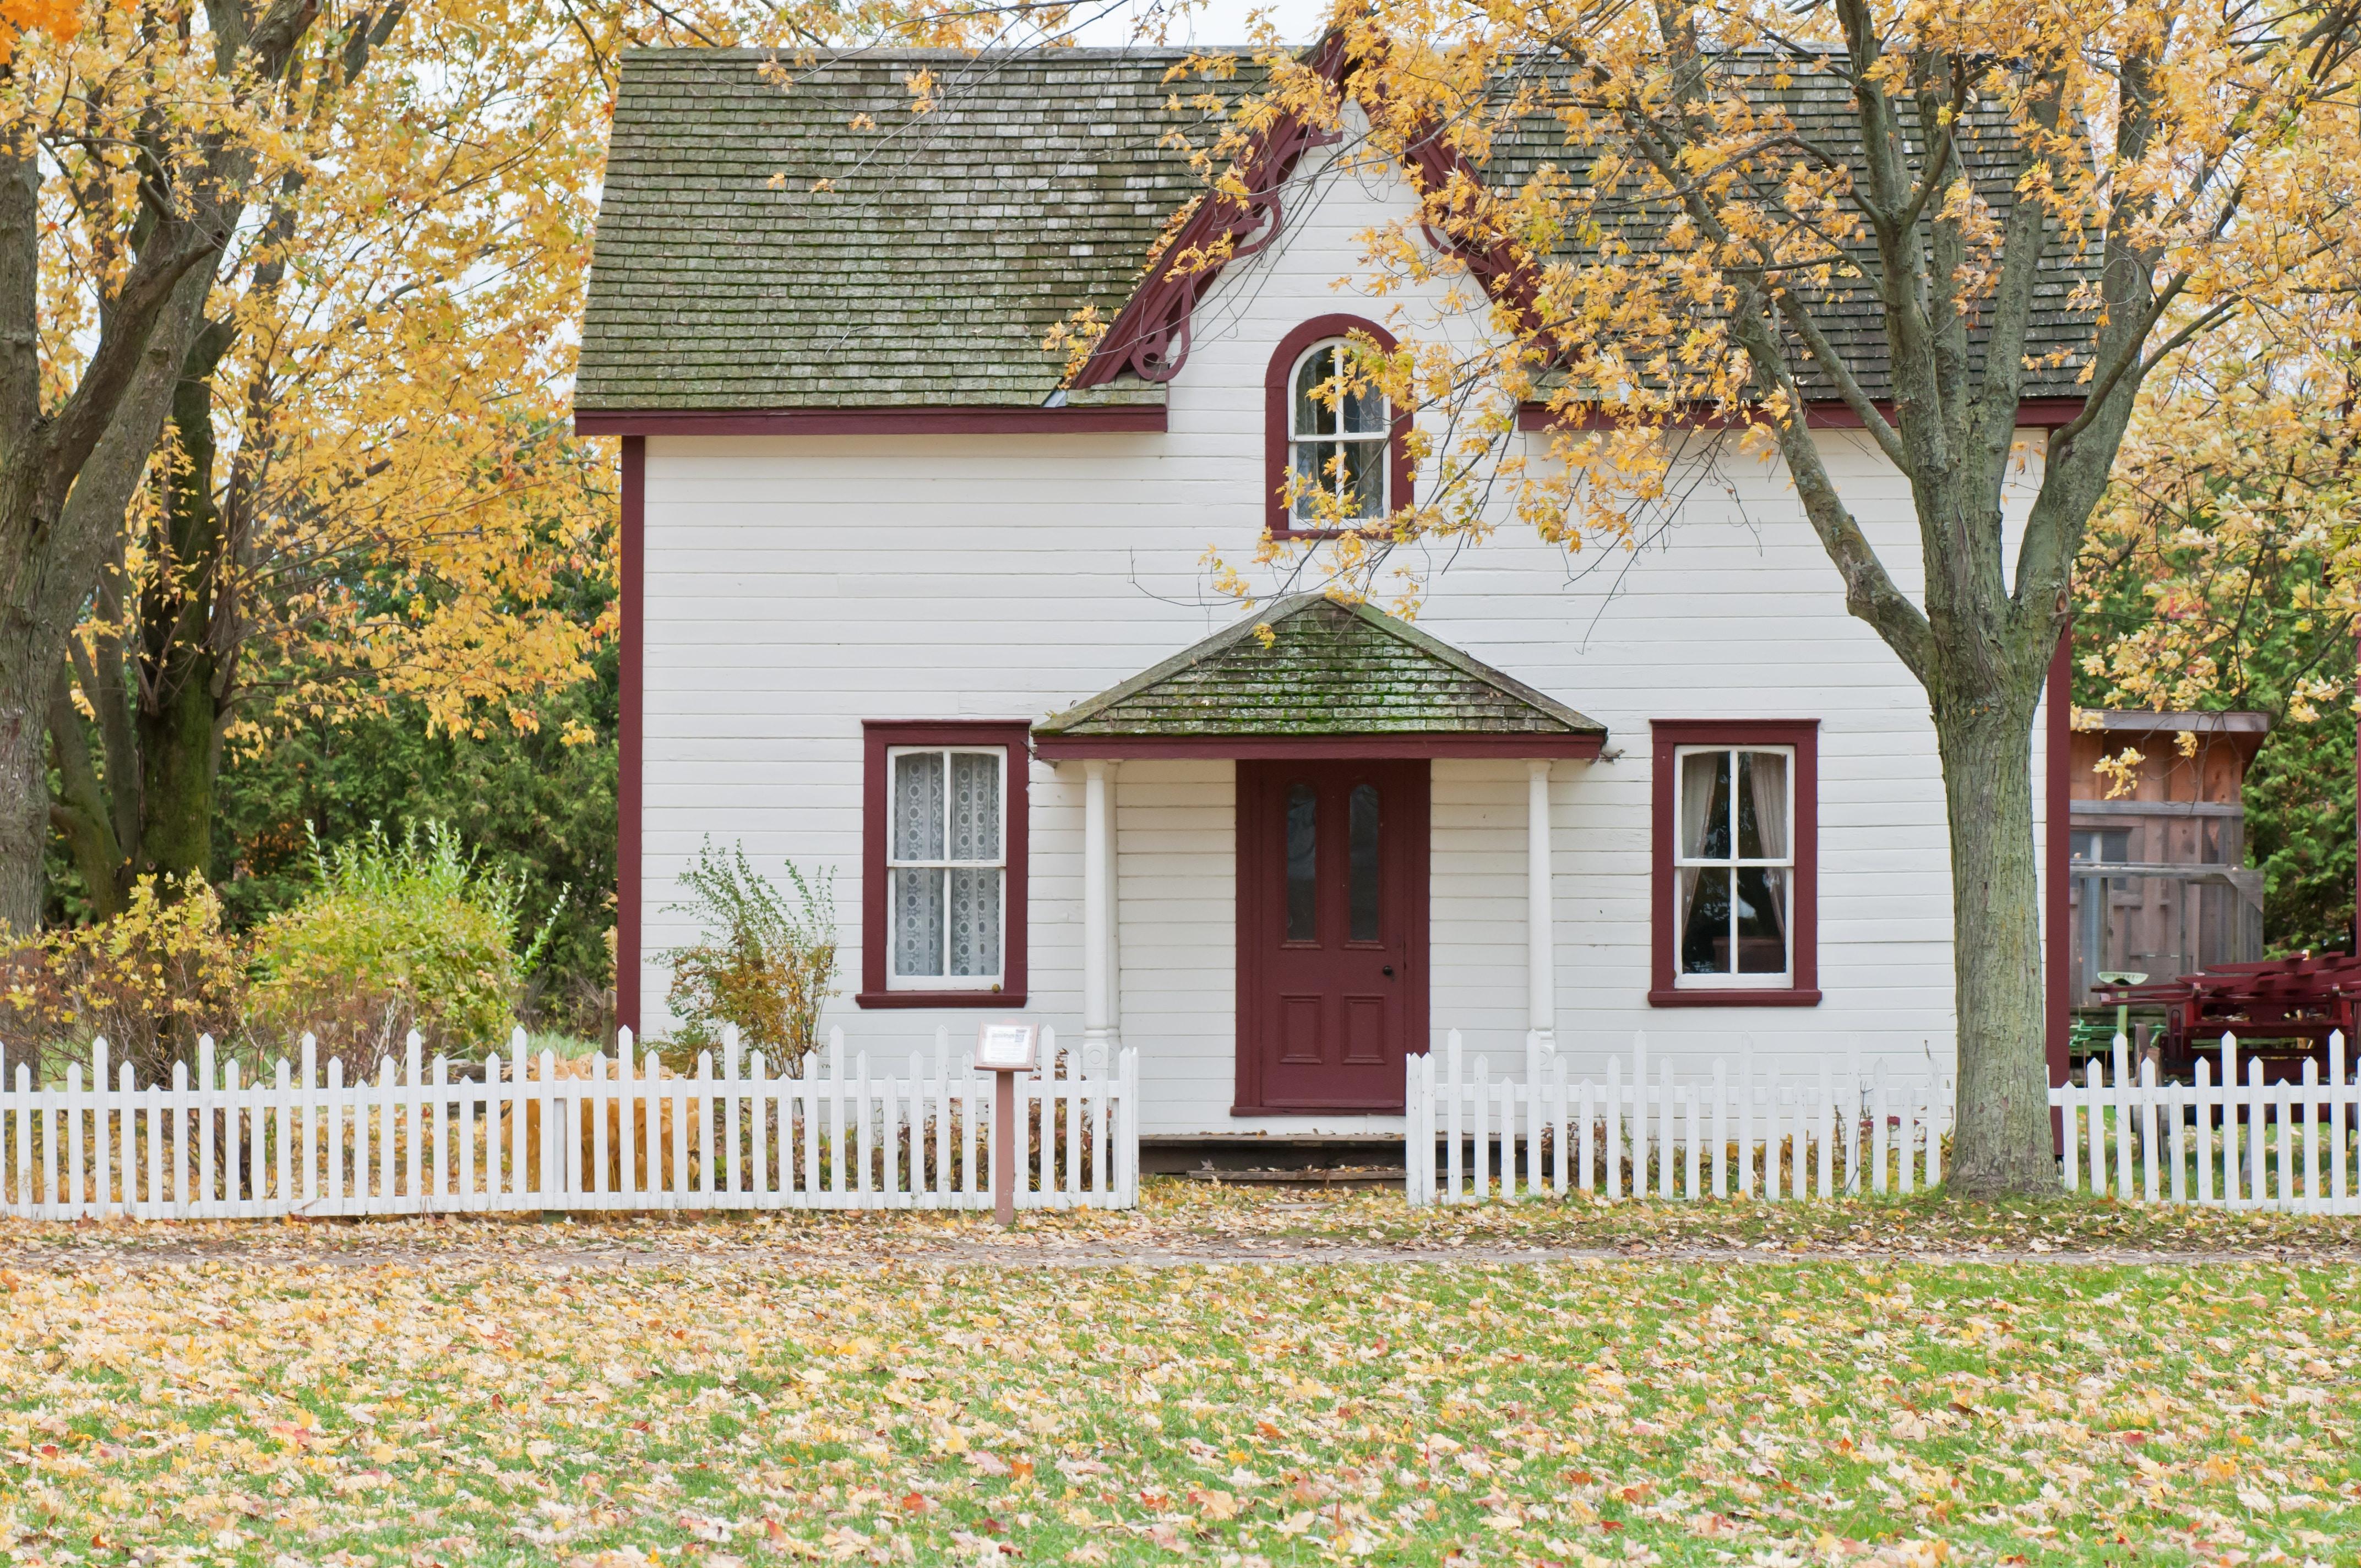 maison blanche automne feuilles jaunes